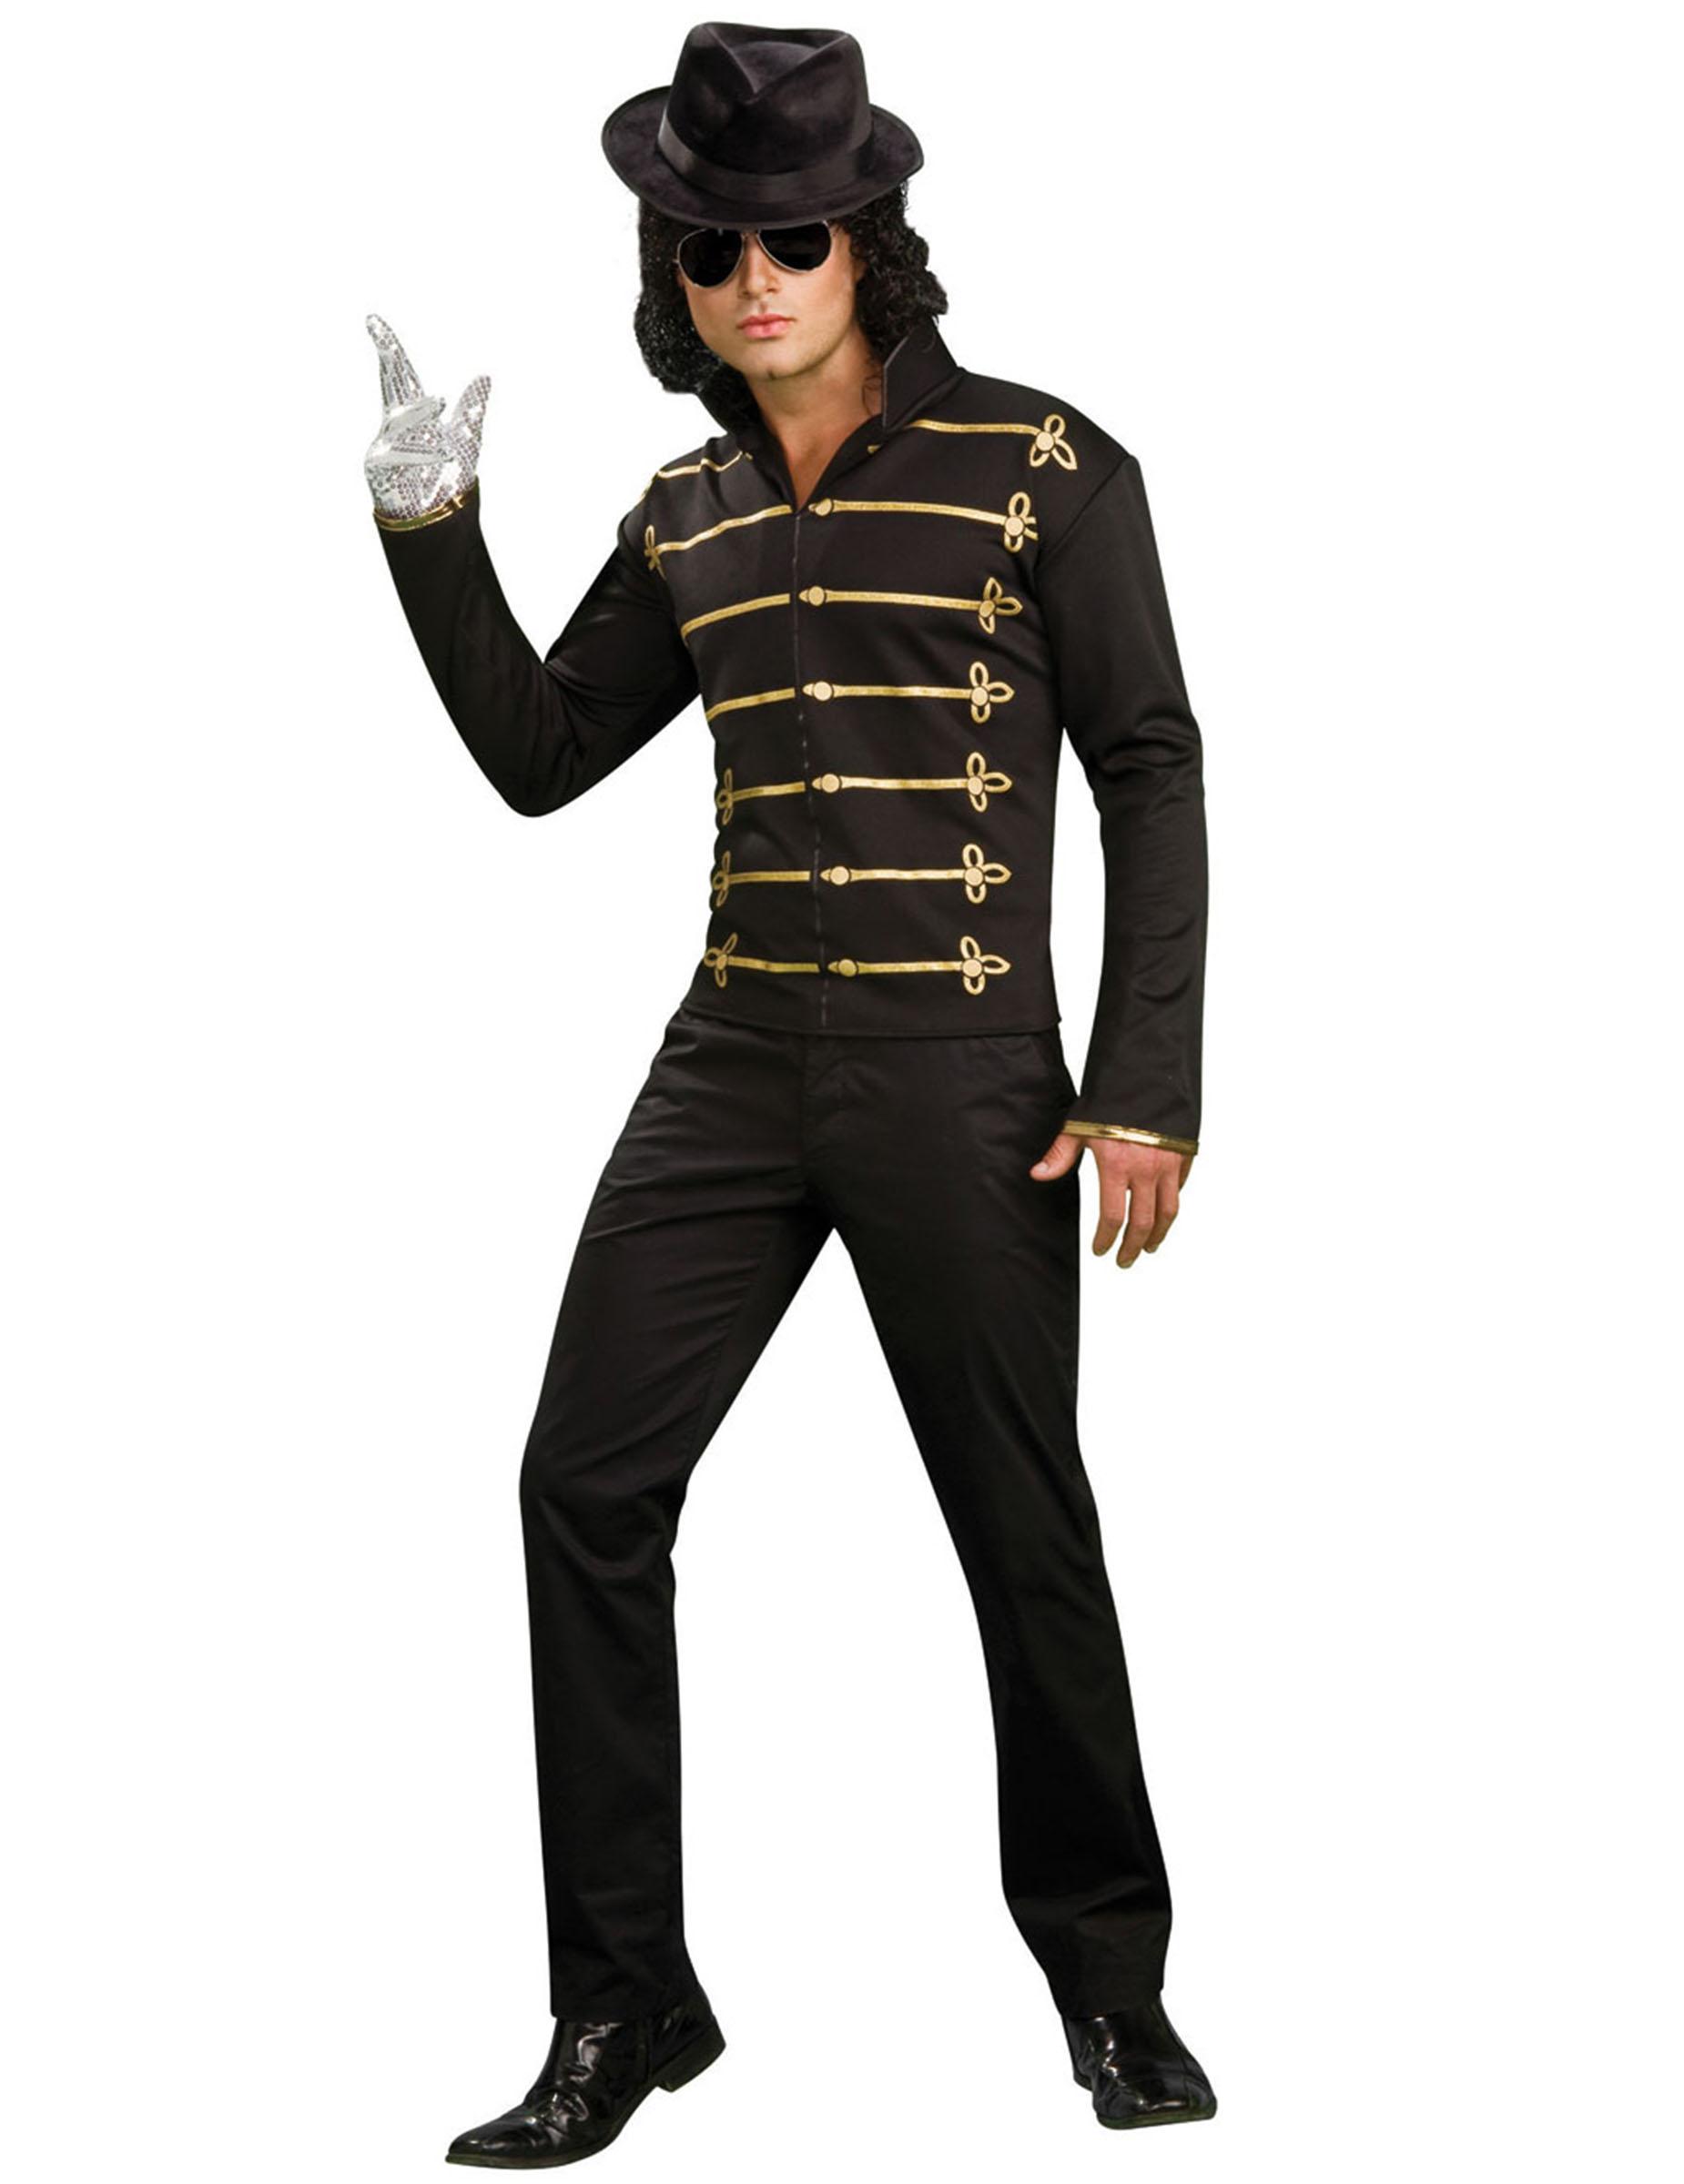 michael jackson jacke schwarz gold g nstige faschings kost me bei karneval megastore. Black Bedroom Furniture Sets. Home Design Ideas